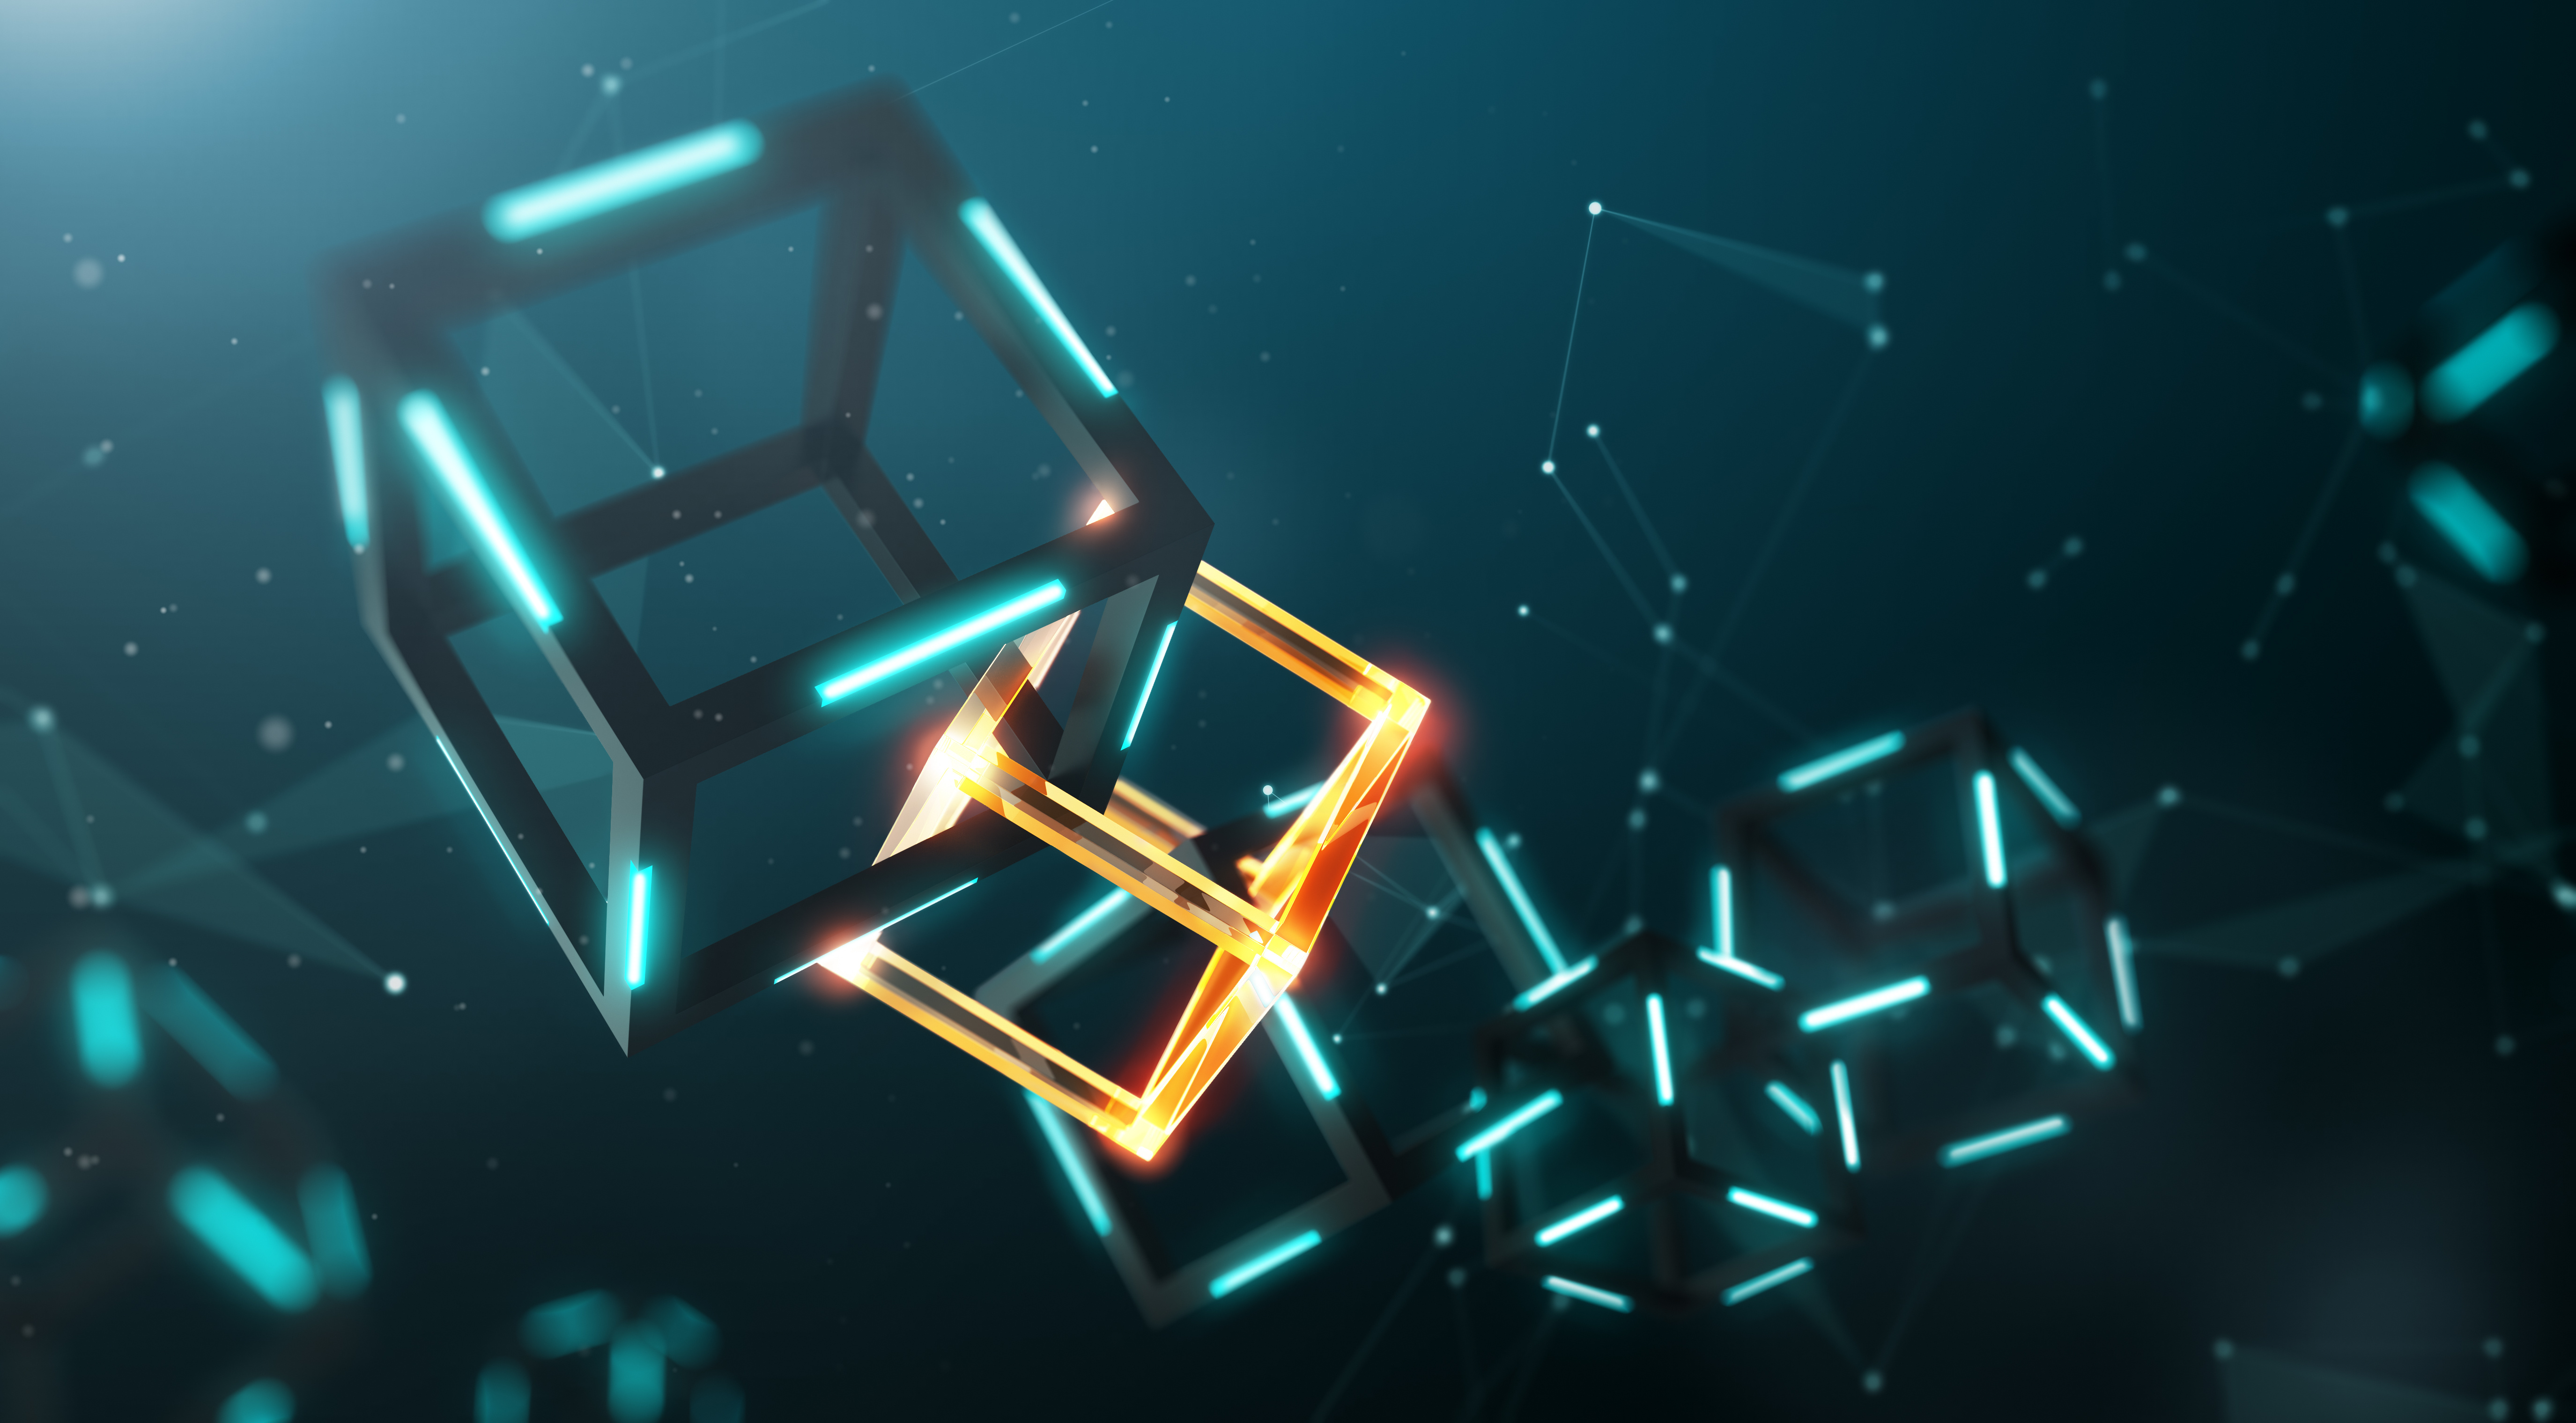 ビットコインを支えるブロックチェーン技術の特徴とその将来性